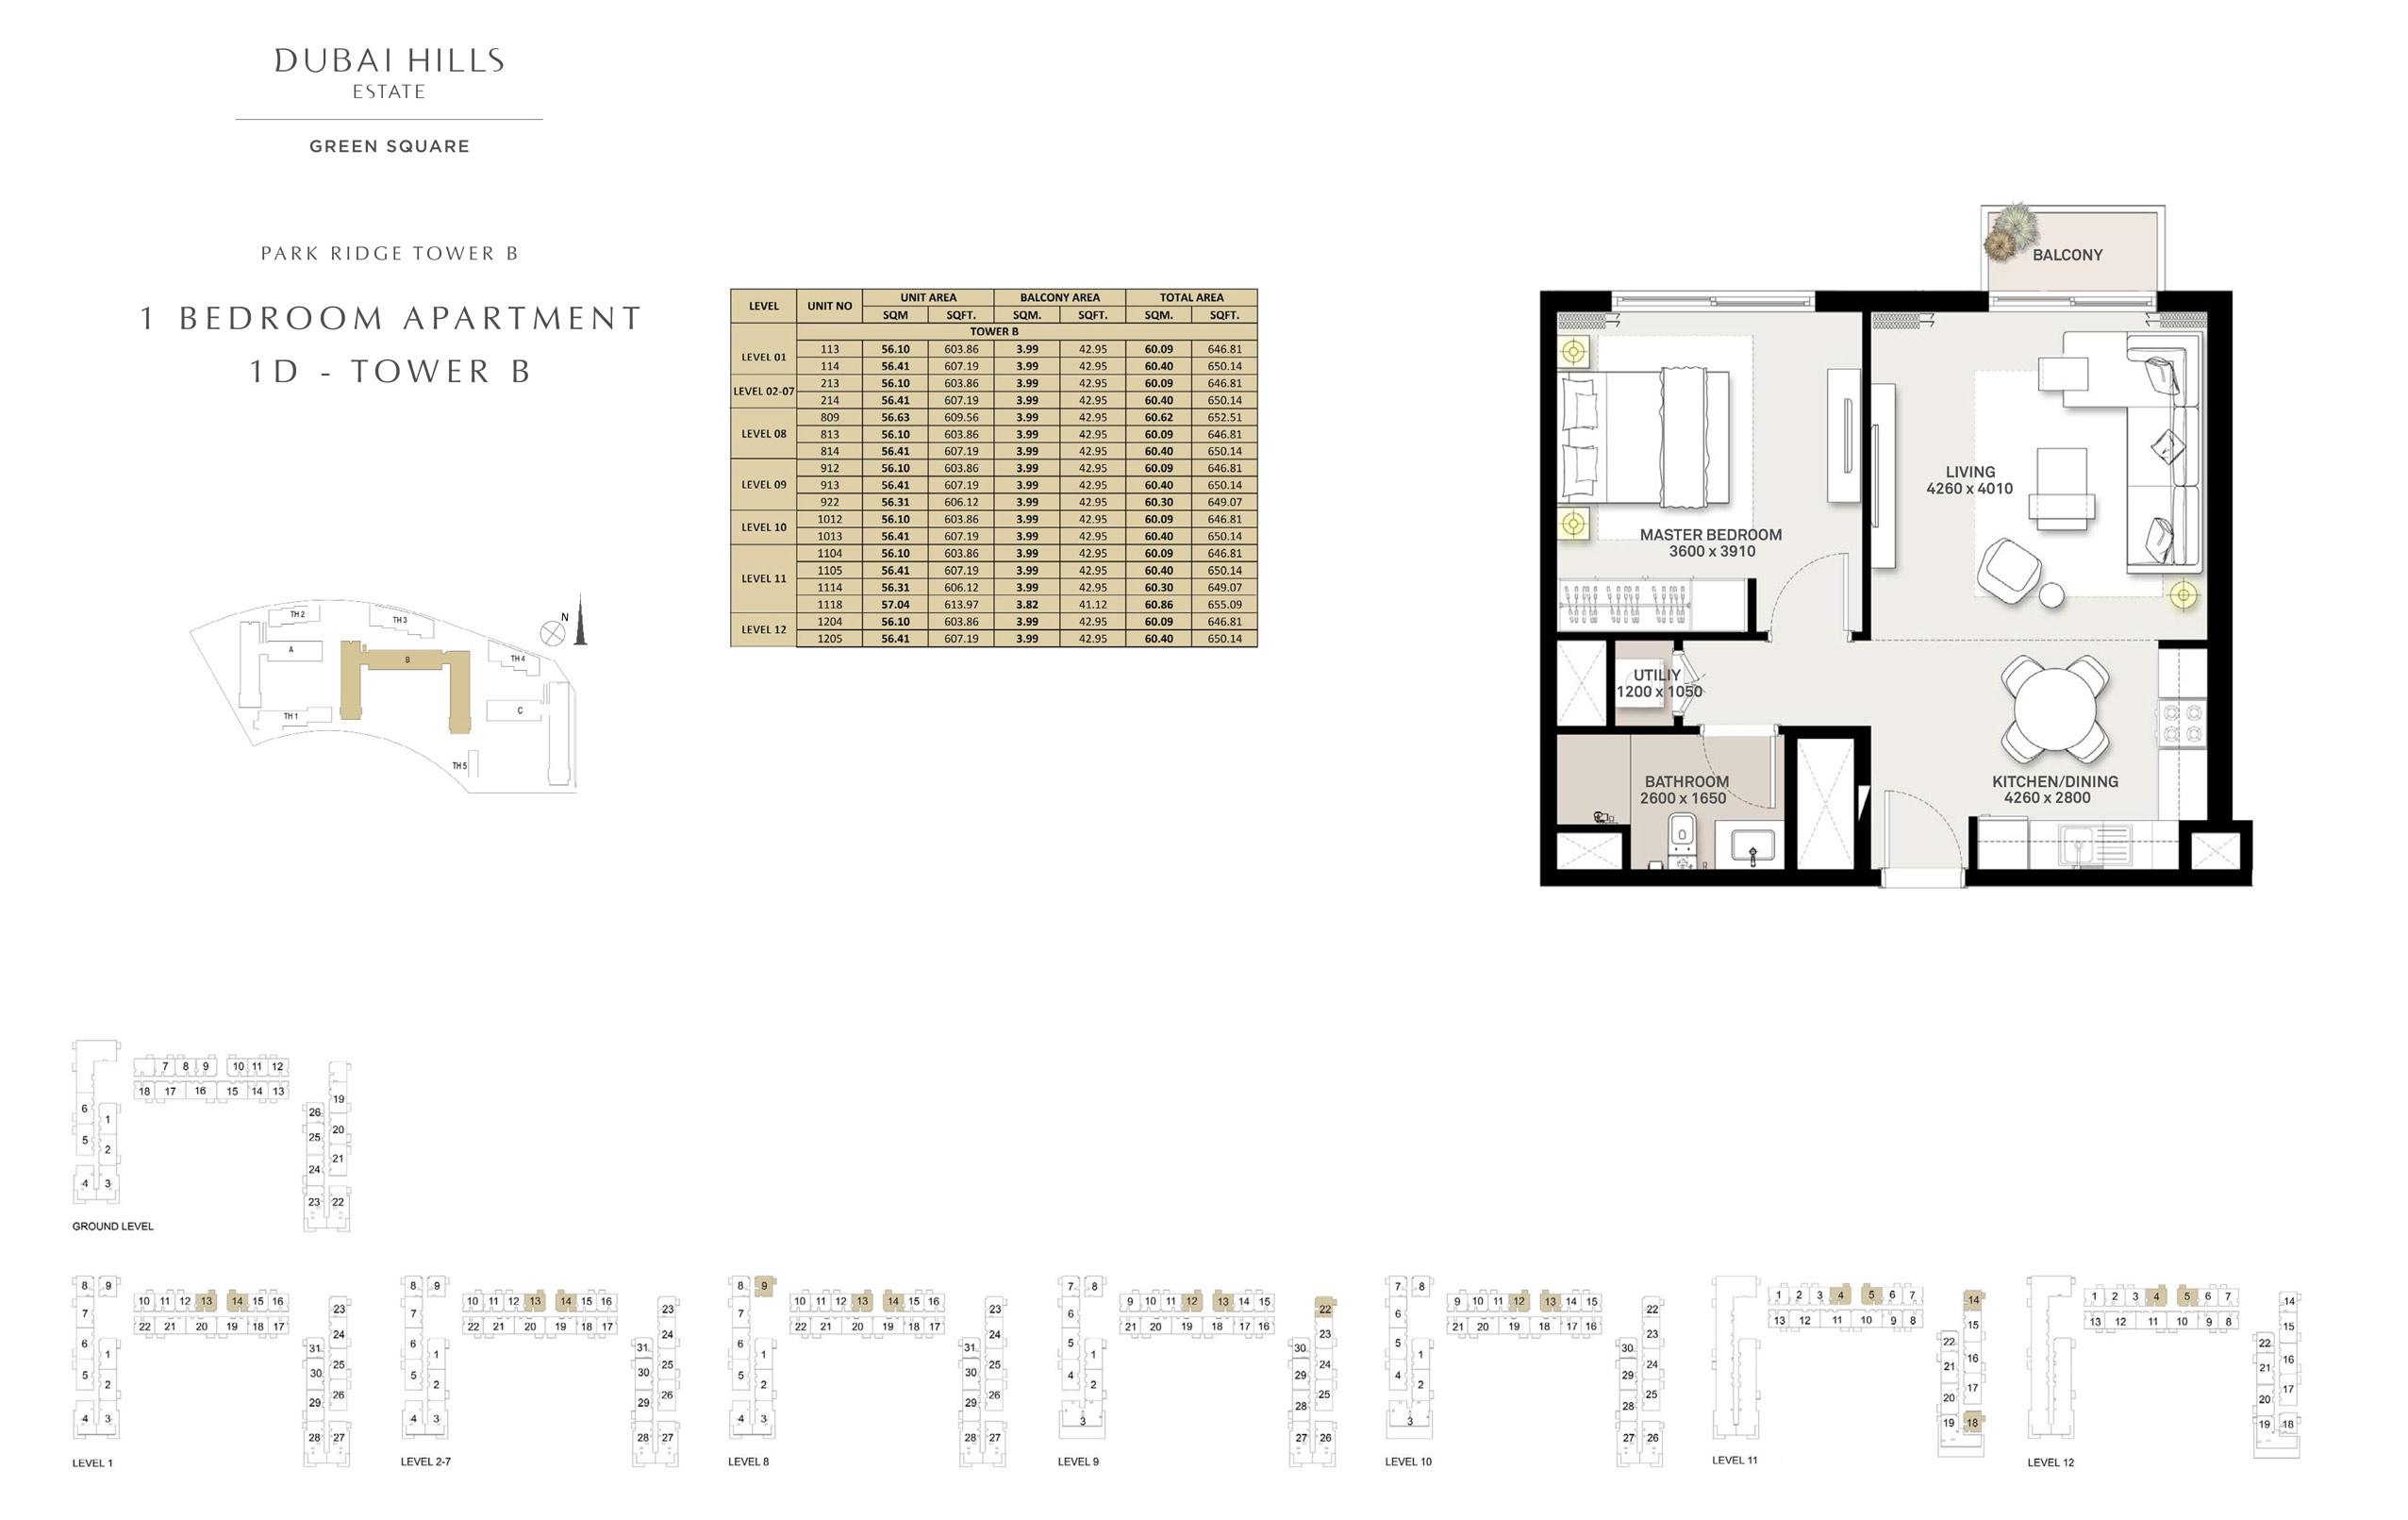 شقة بغرفة نوم واحدة 1 D - برج B ، حجم 646 قدم مربع